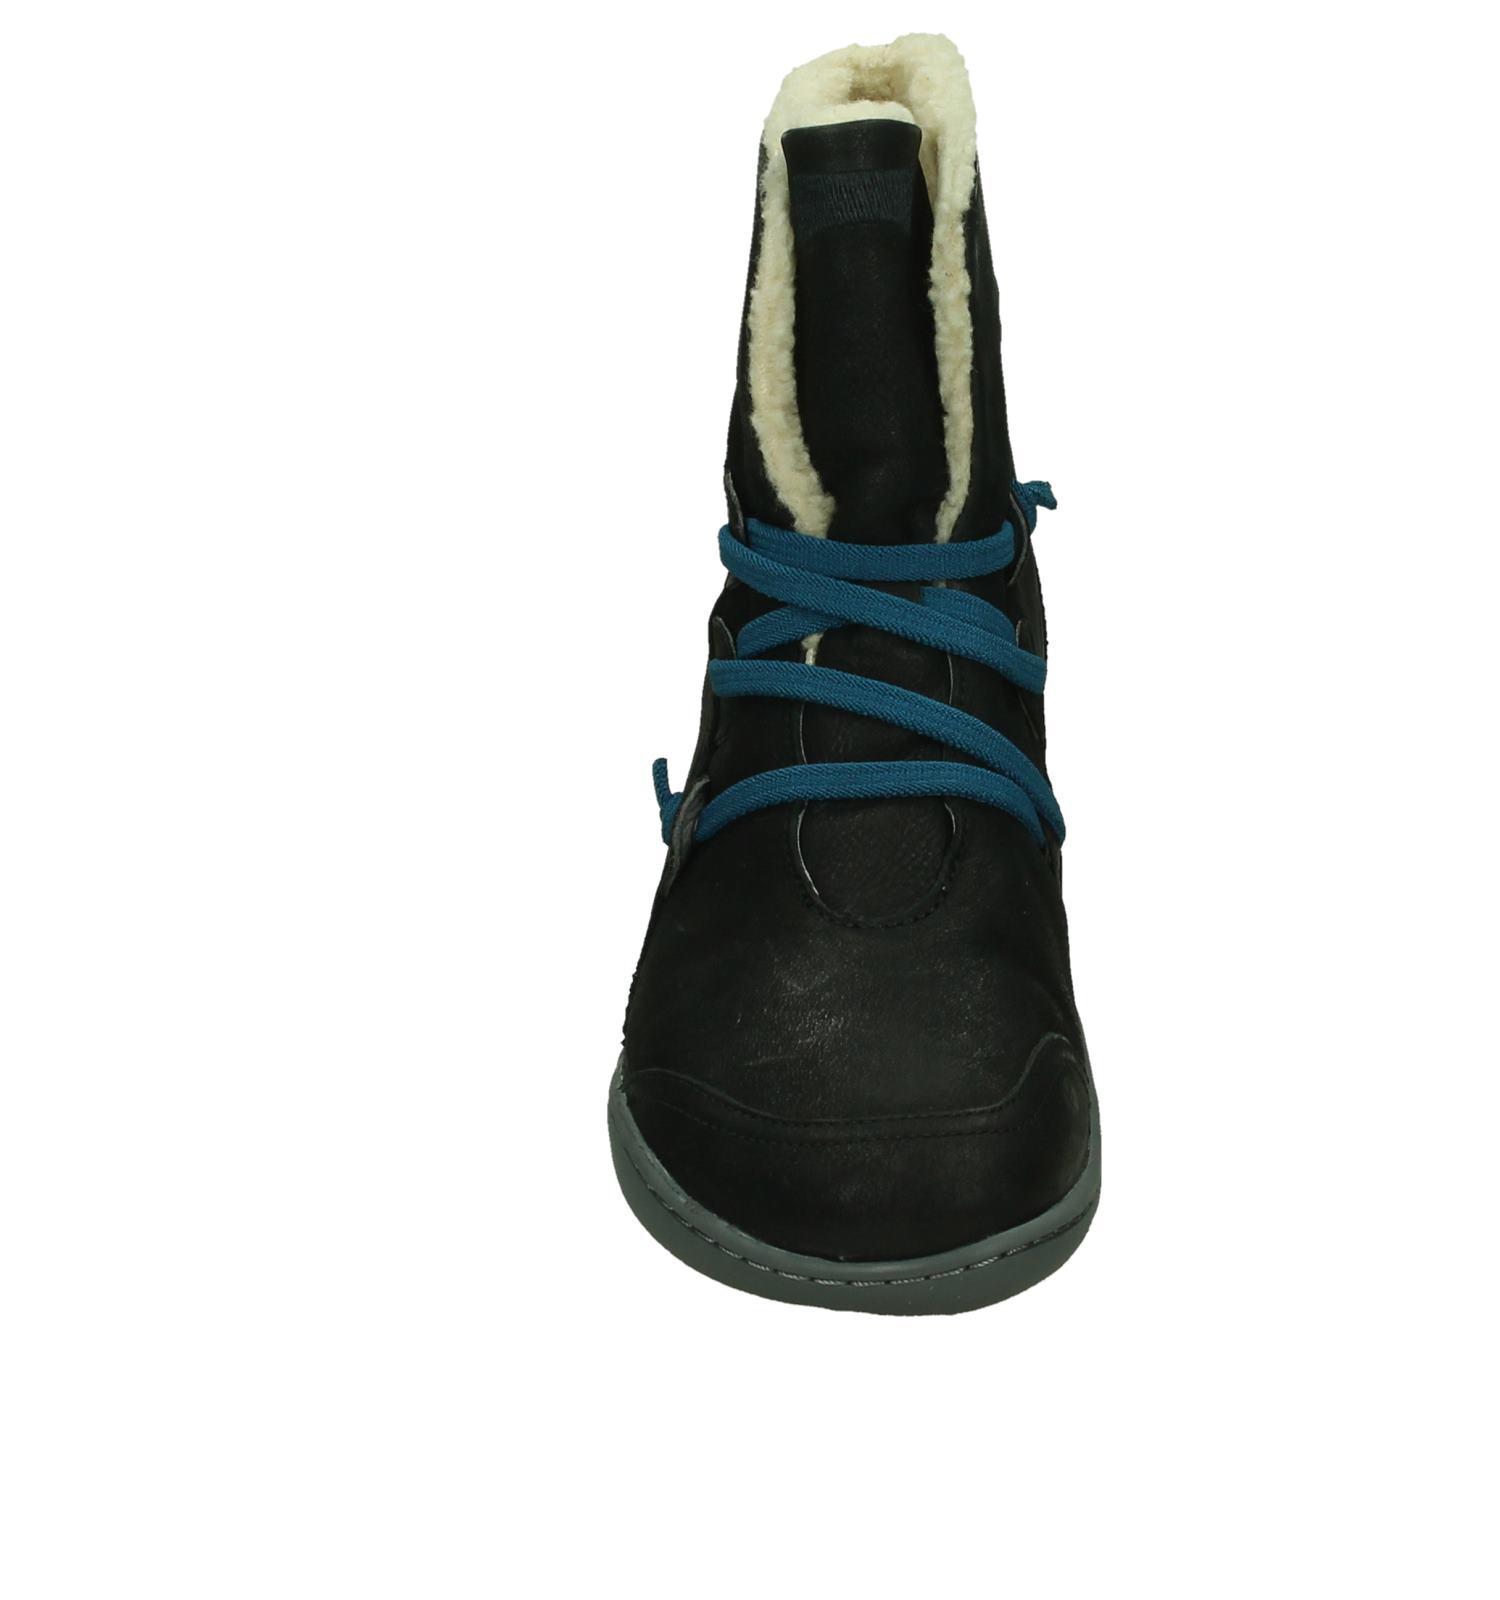 2aa17e87232 Zwarte Camper Boots   SCHOENENTORFS.NL   Gratis verzend en retour